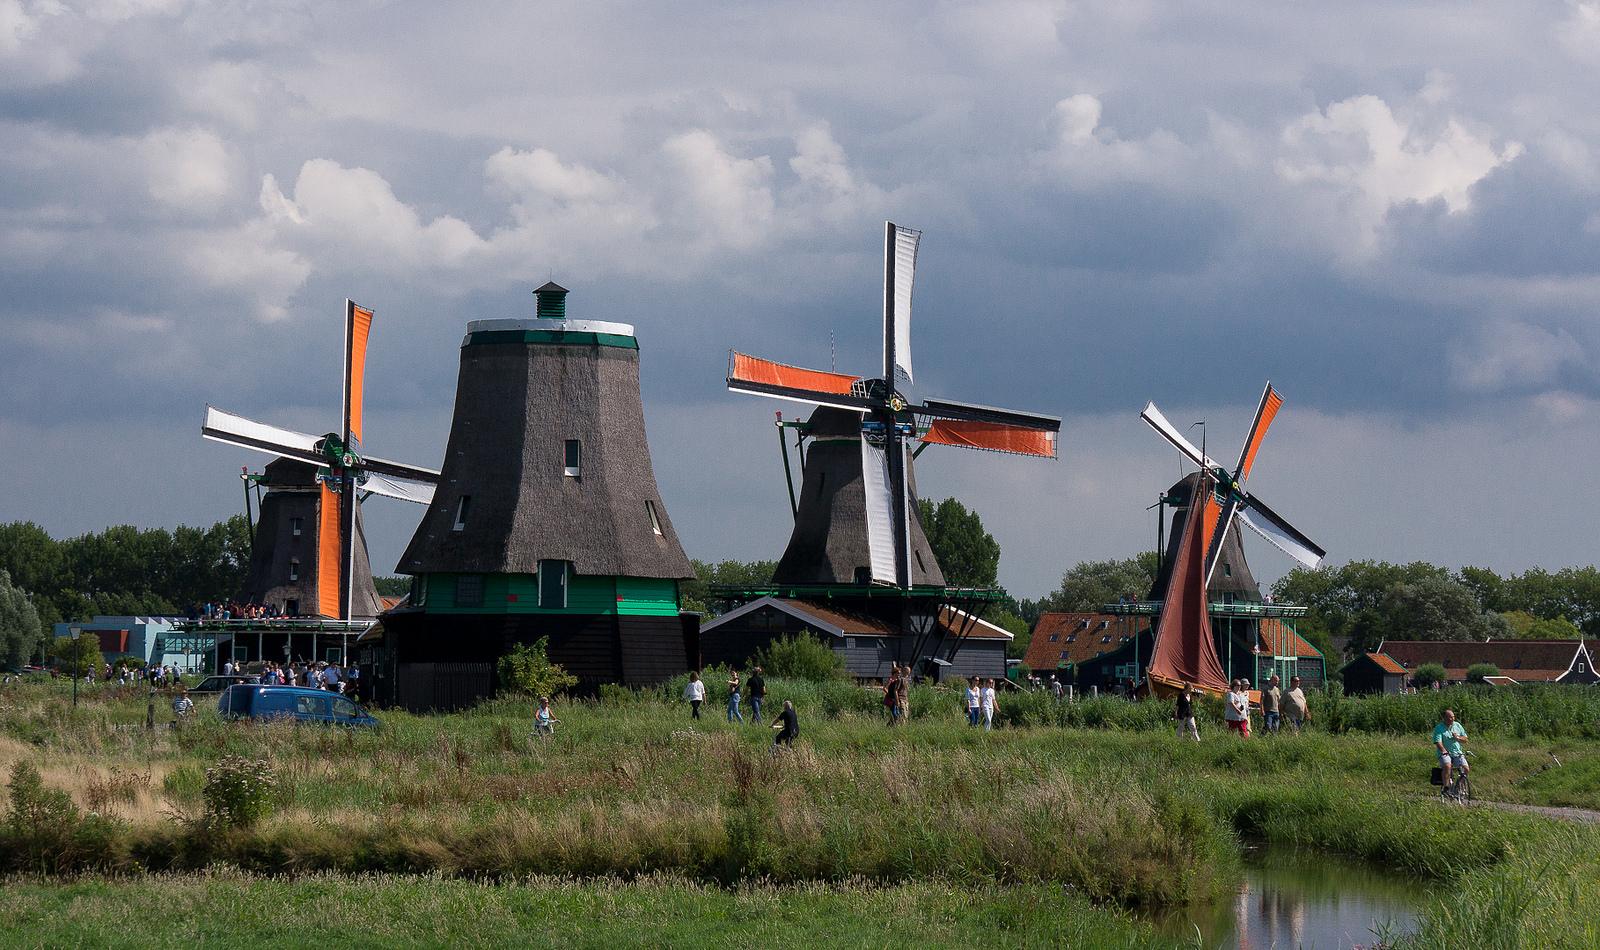 Музей Зансе-Сханс в Нидерландах